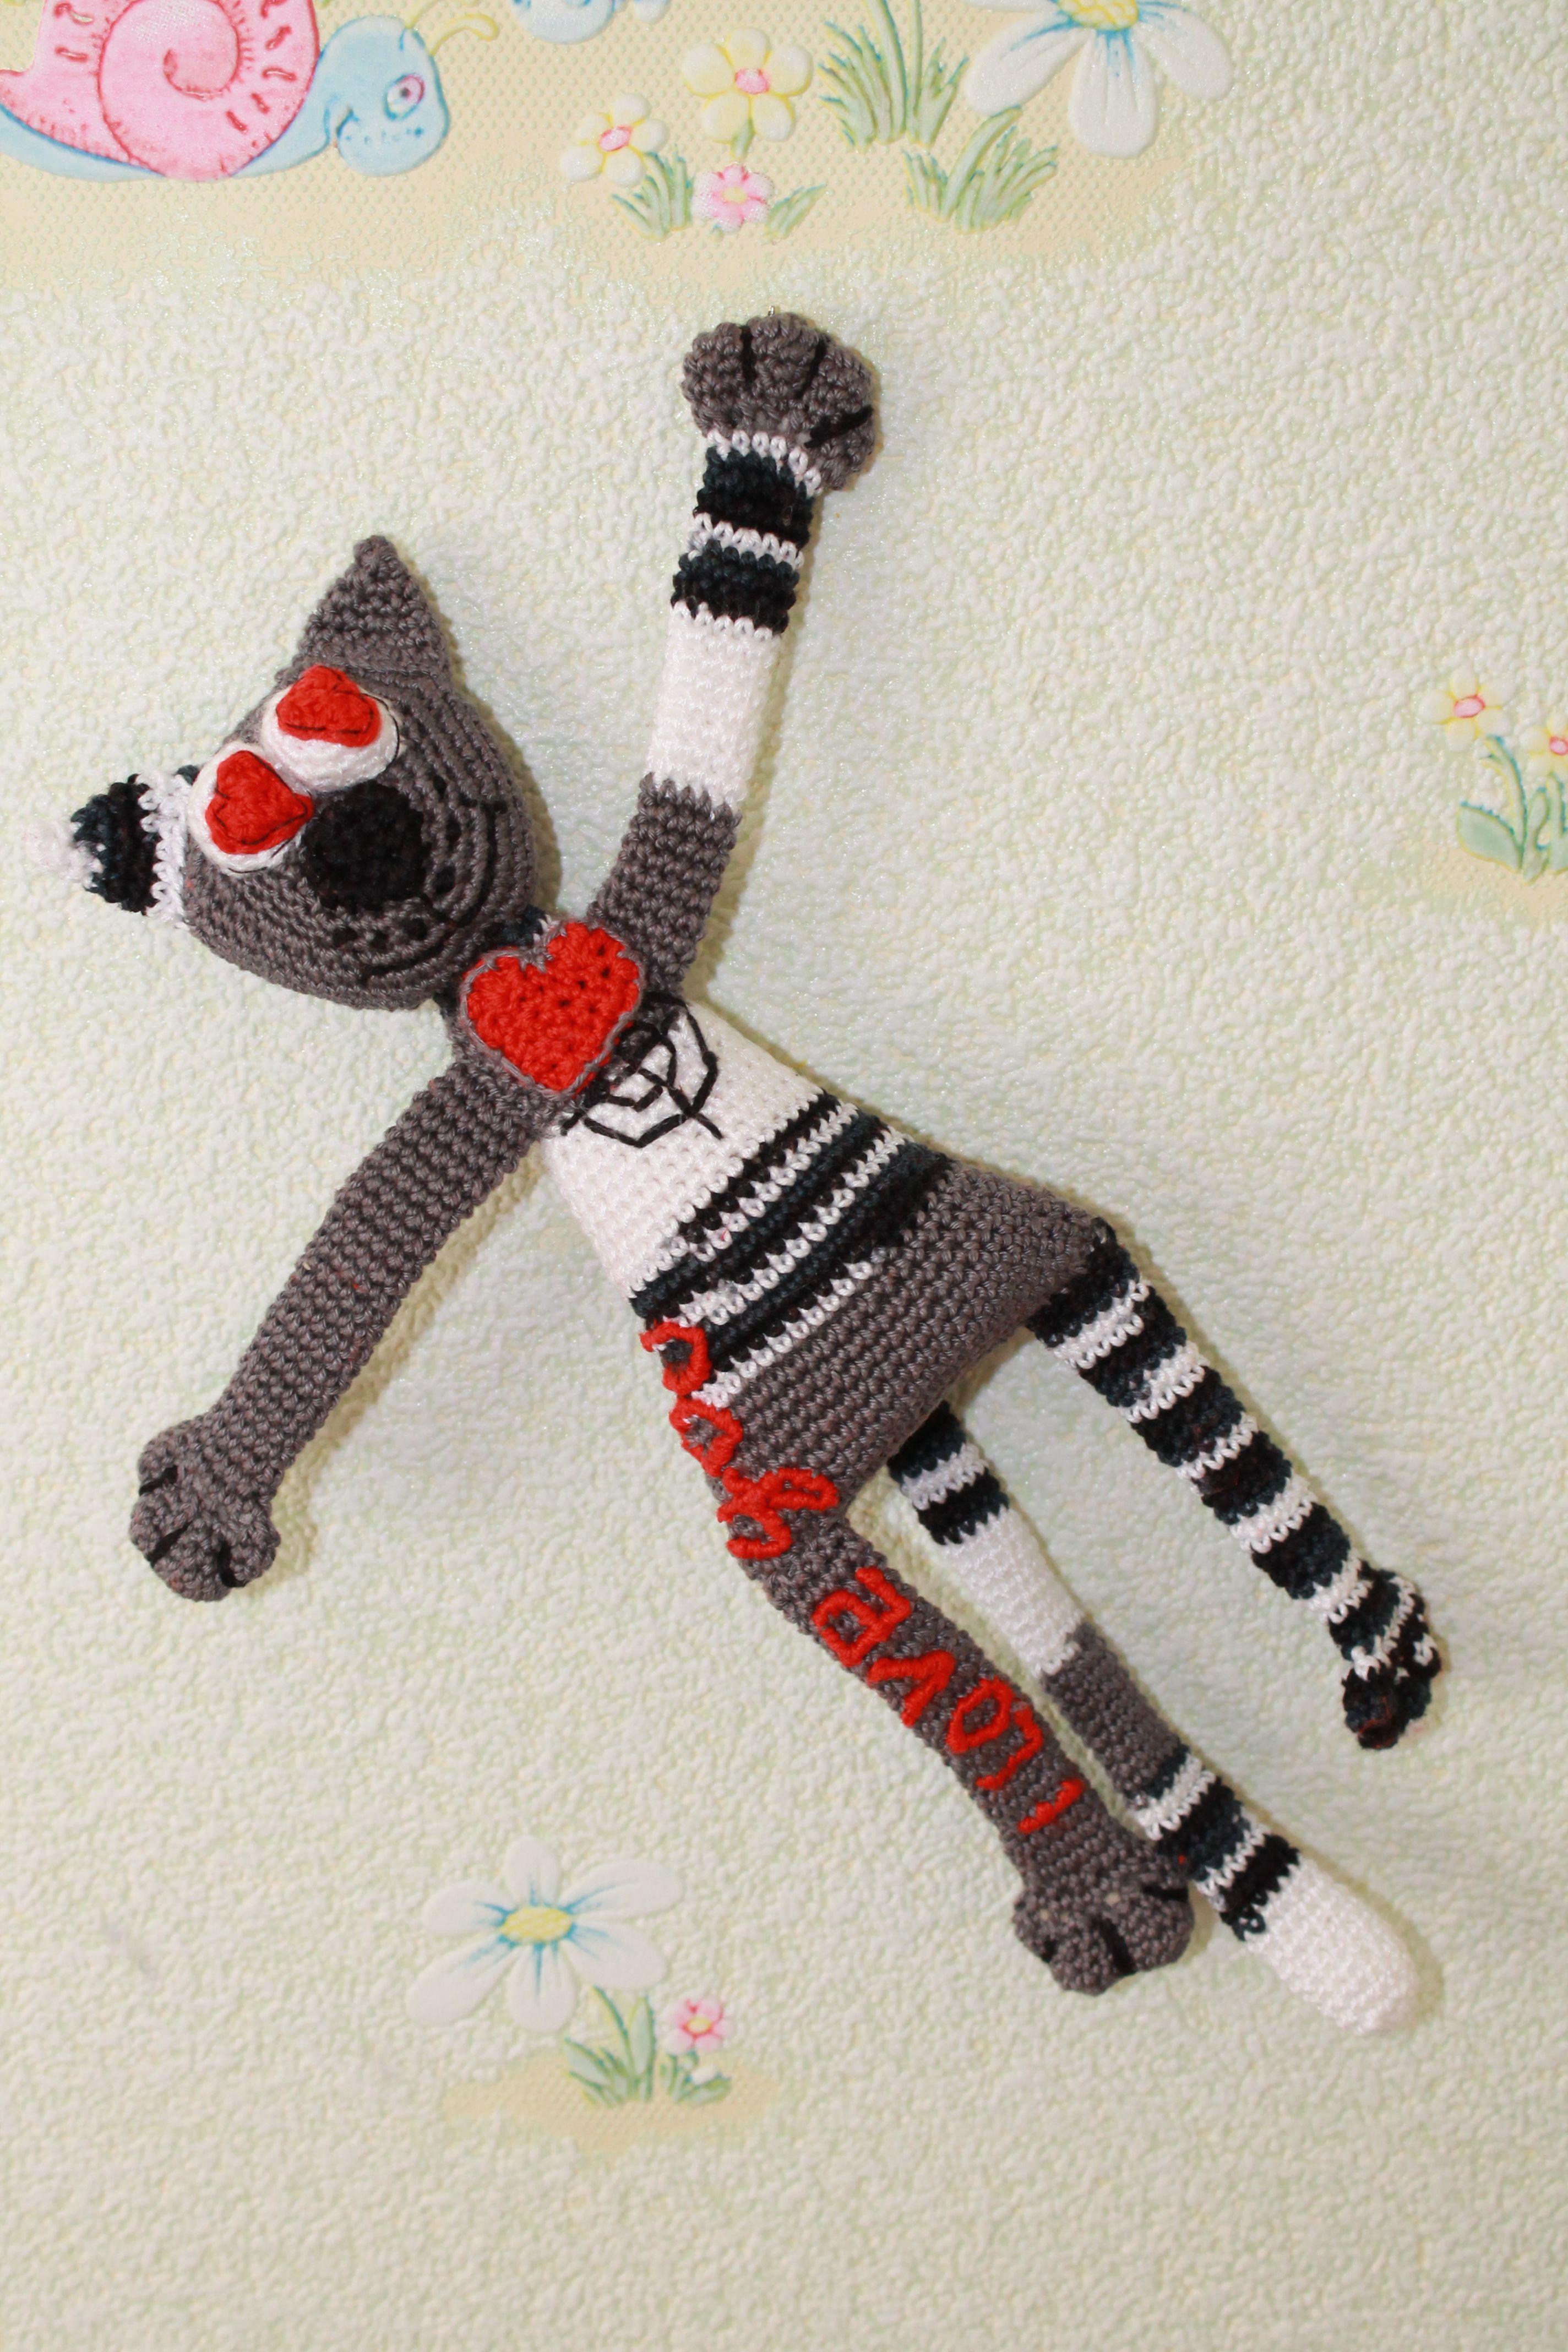 котик вязаныйкот игрушкаручнойработы подаркикпраздникам развивающаяигрушка подаркиручнойработы вязанаяигрушка кот подарки котэ